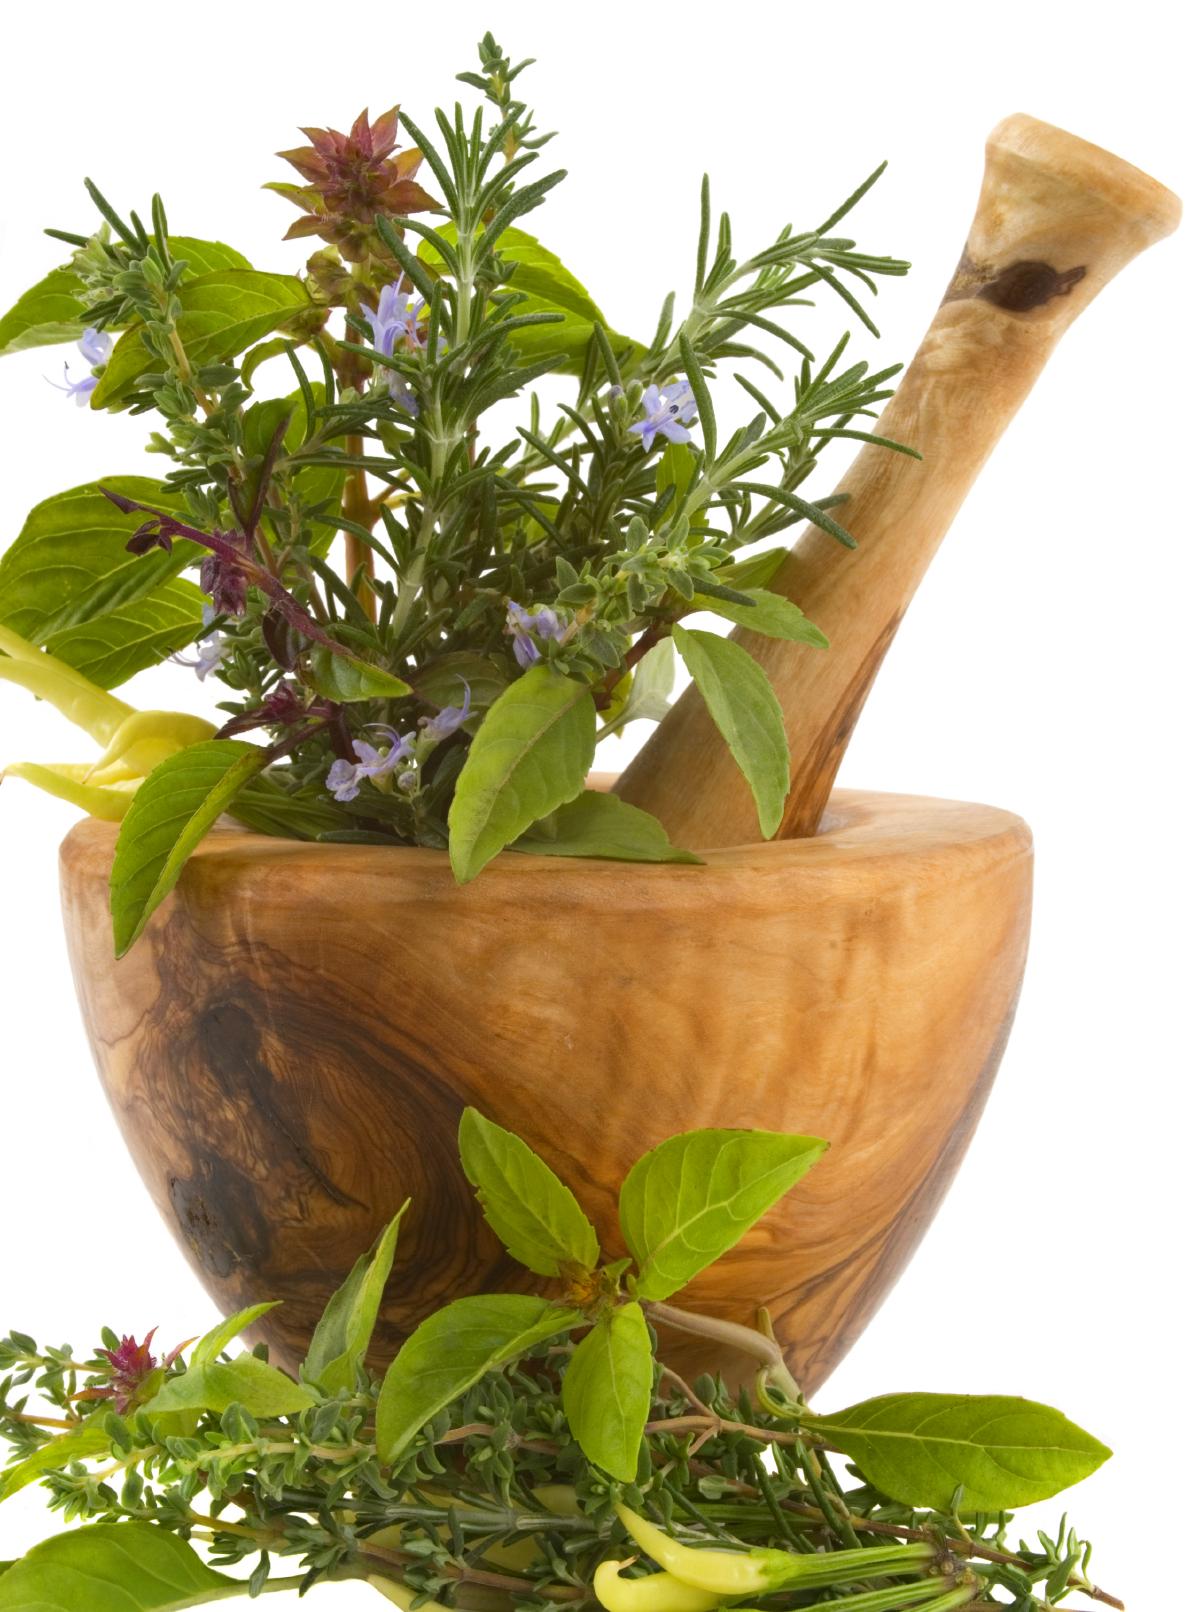 რა მცენარეები გაზრდის წევრი